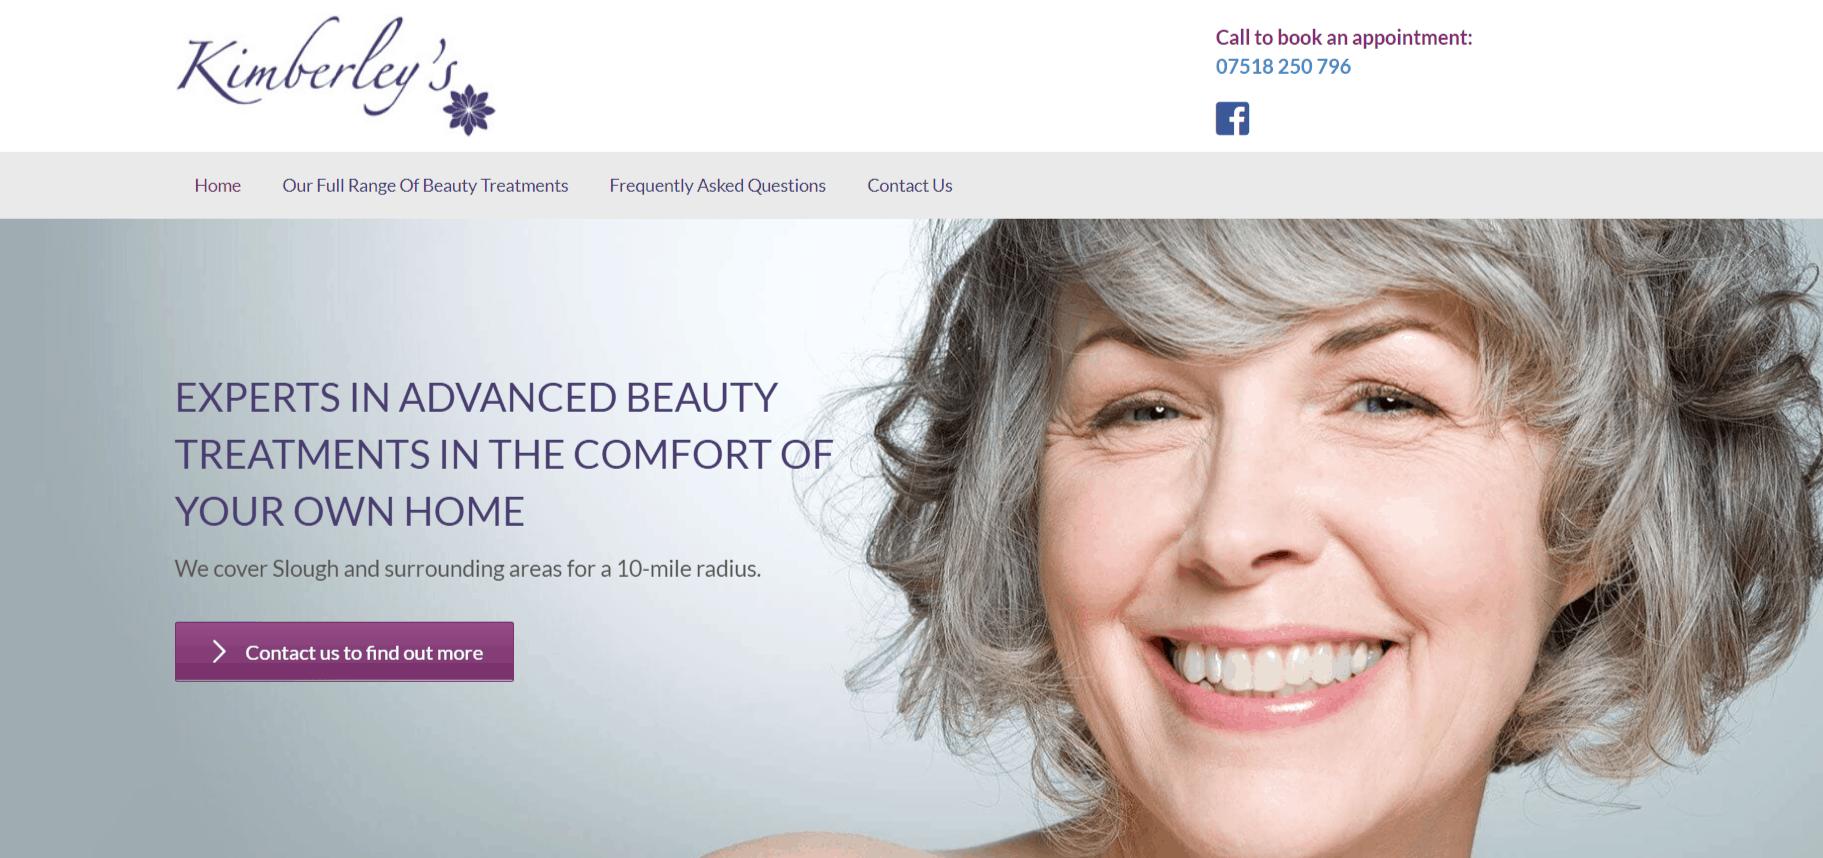 Beauty treatments by Kimberley